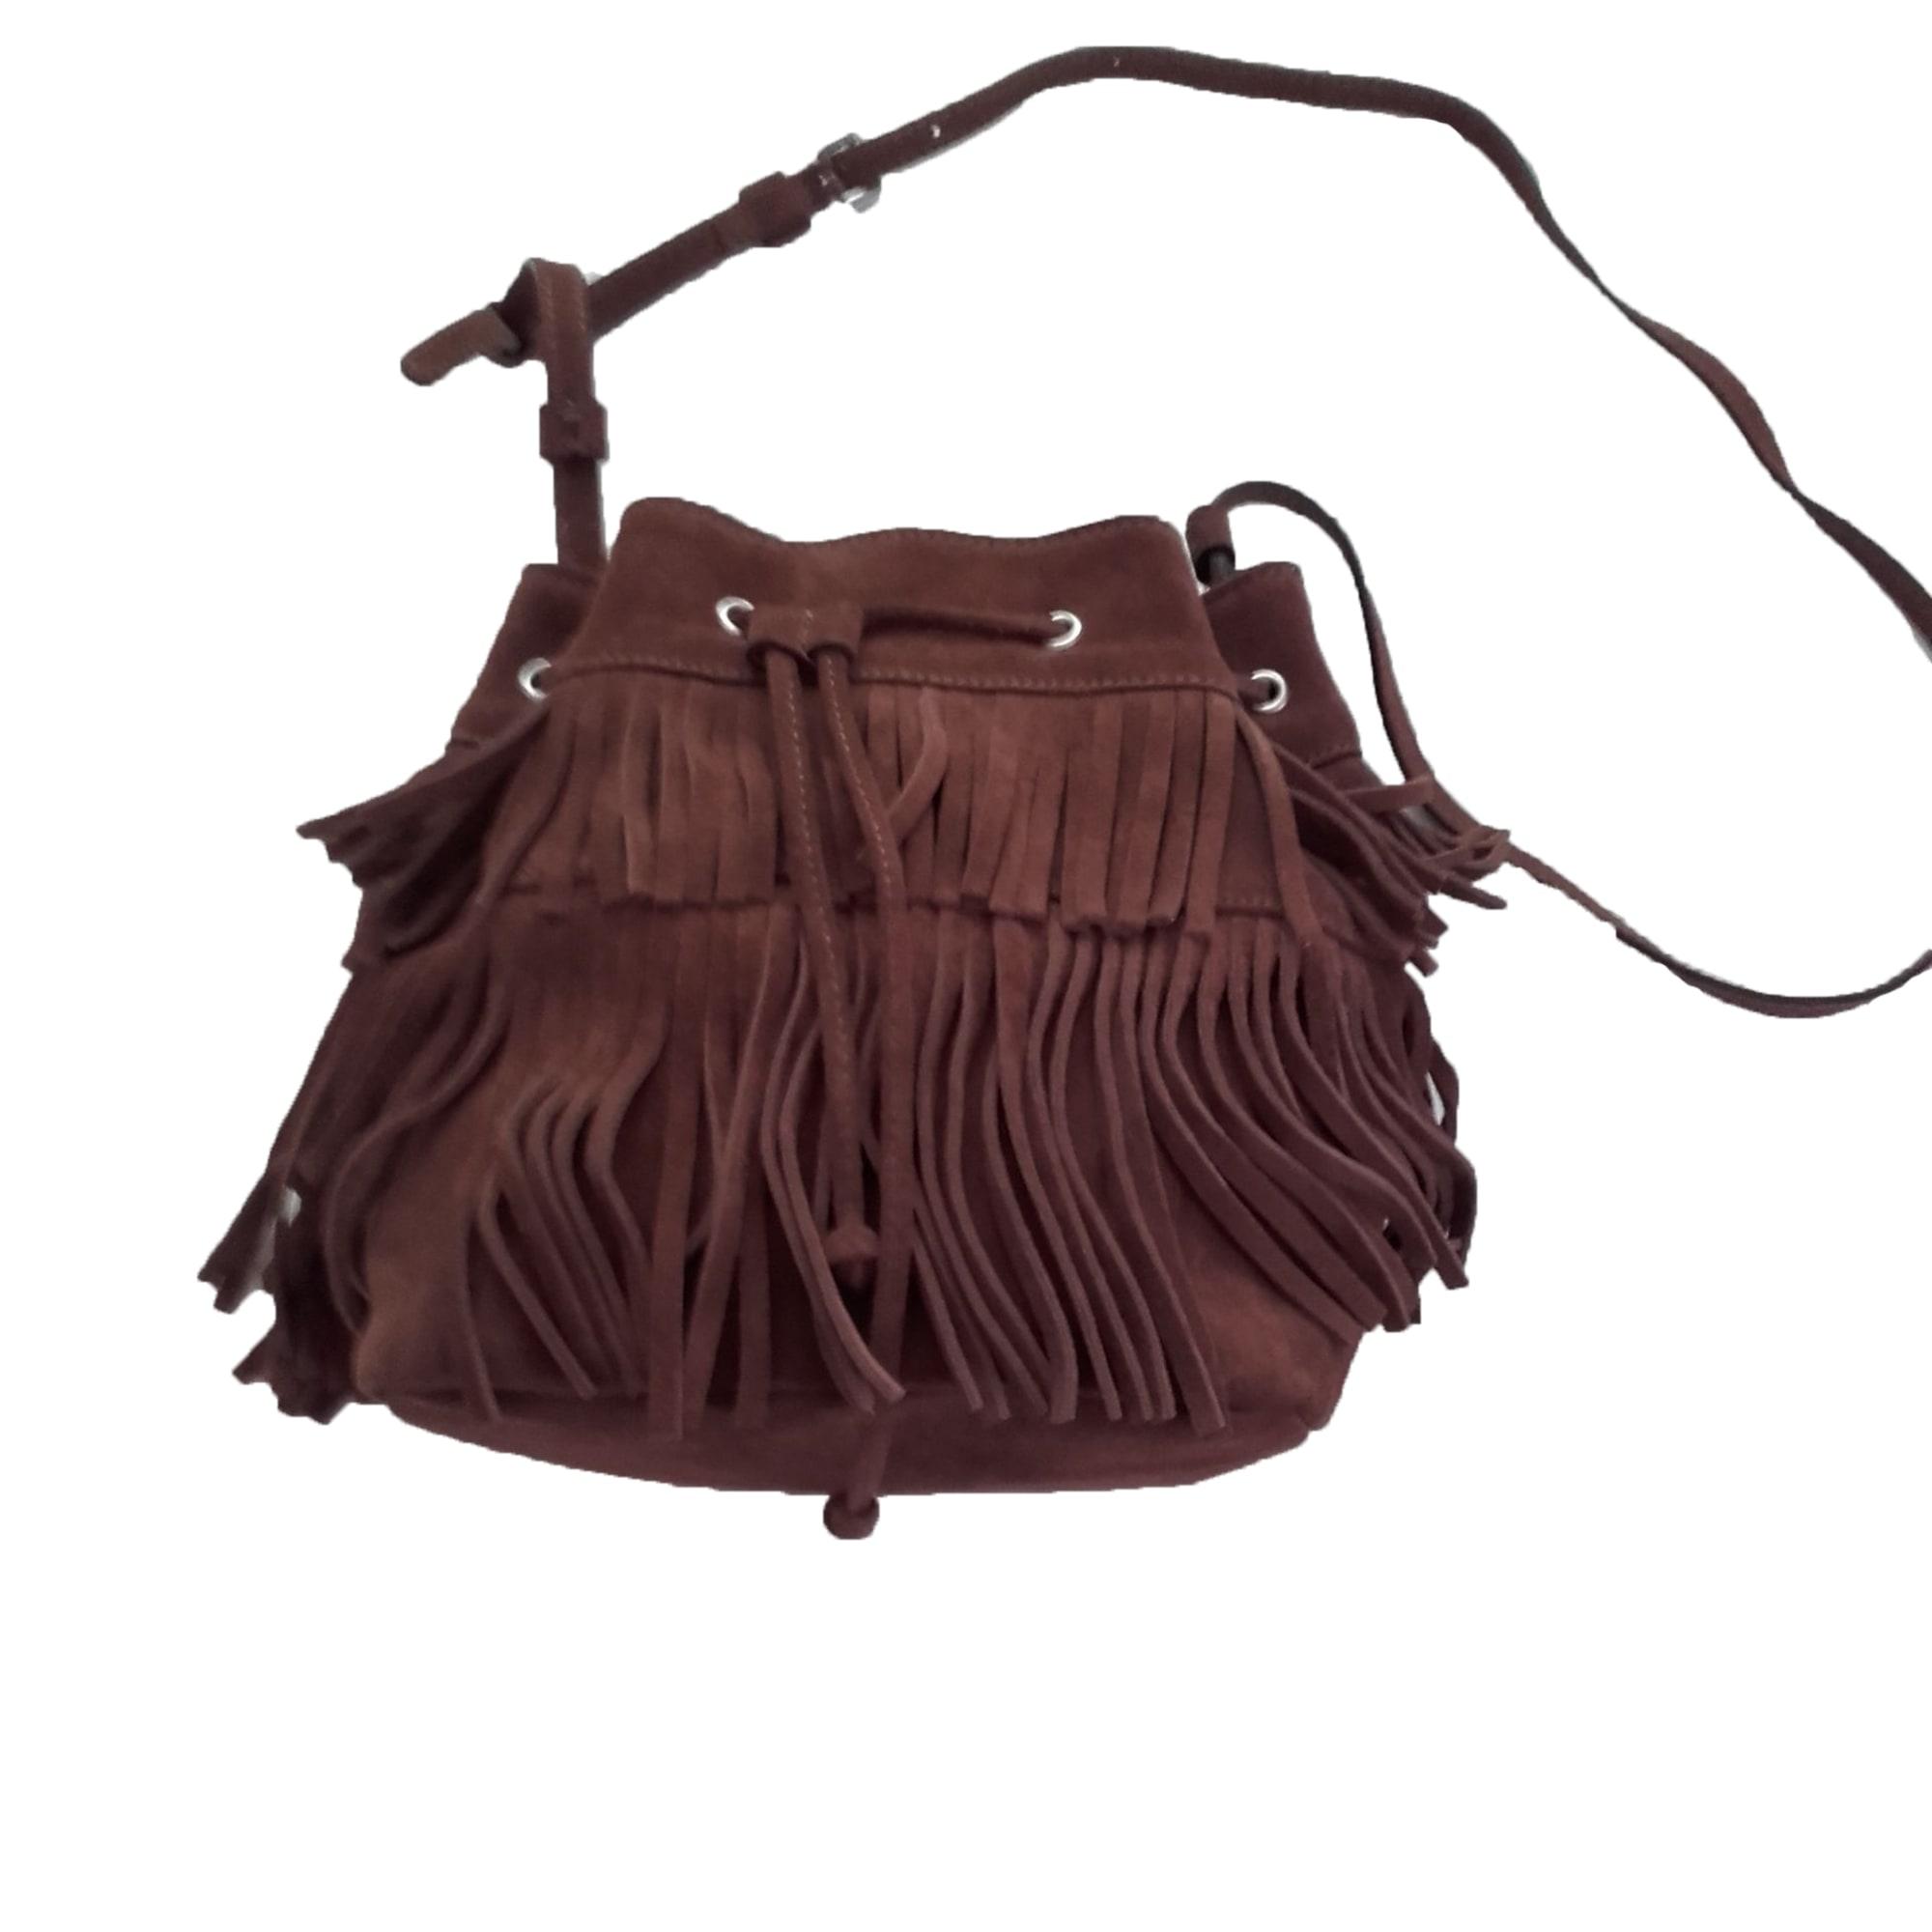 Leather Shoulder Bag GERARD DAREL camel foncé